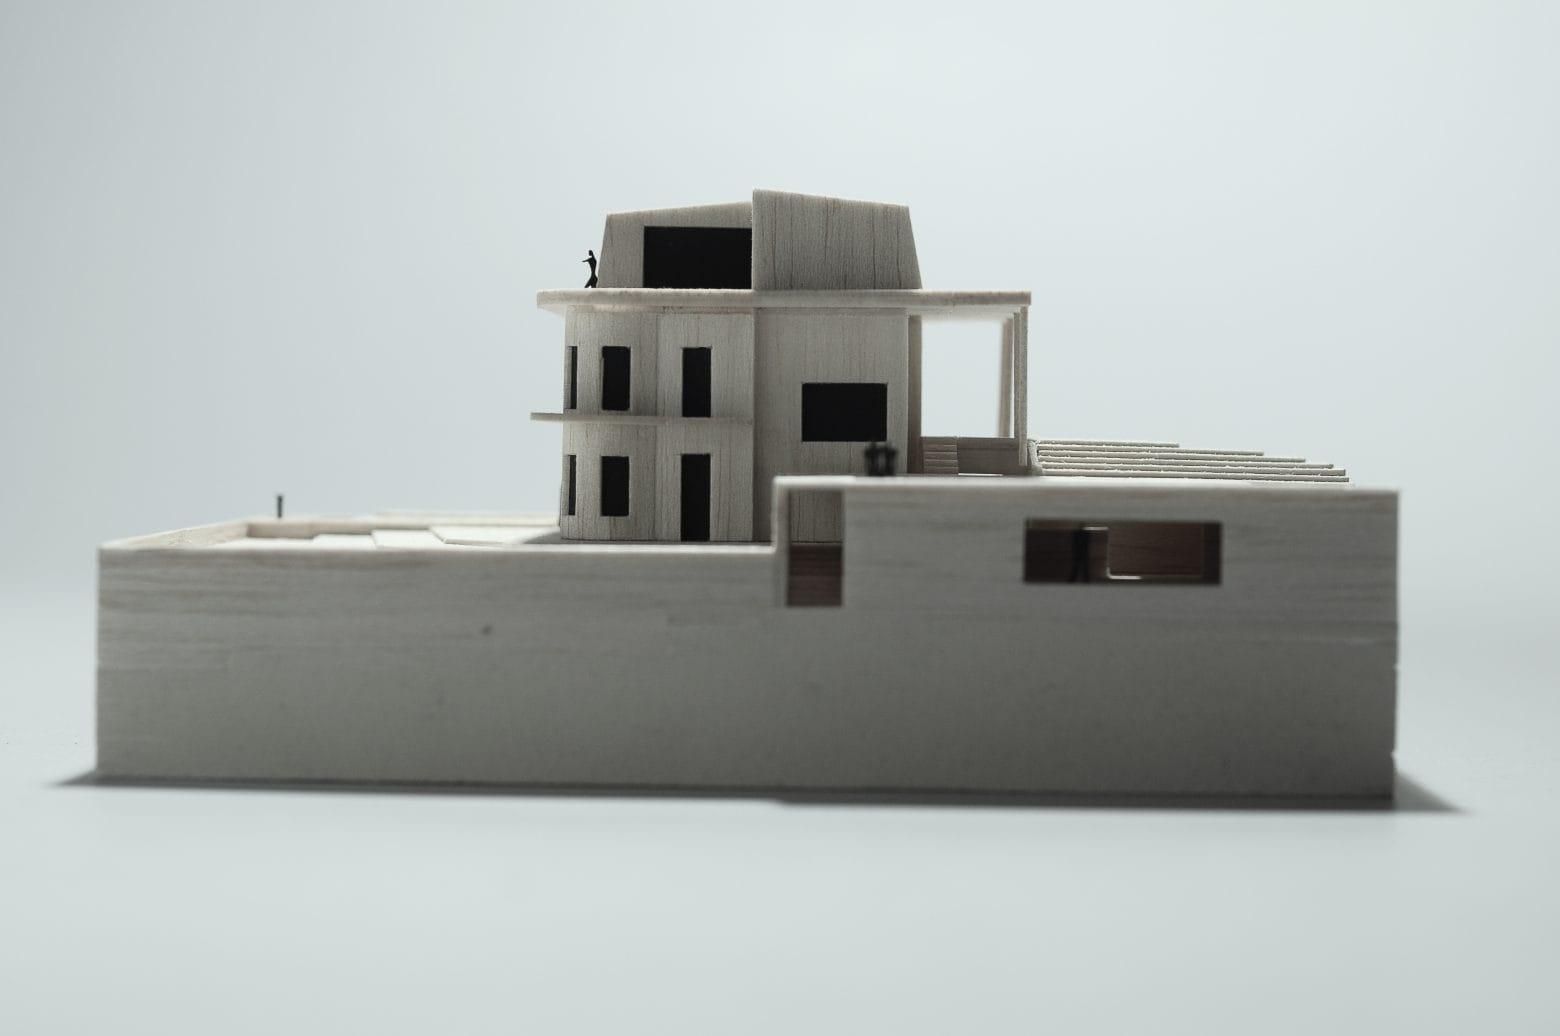 Szemlohegy modell manzard 03